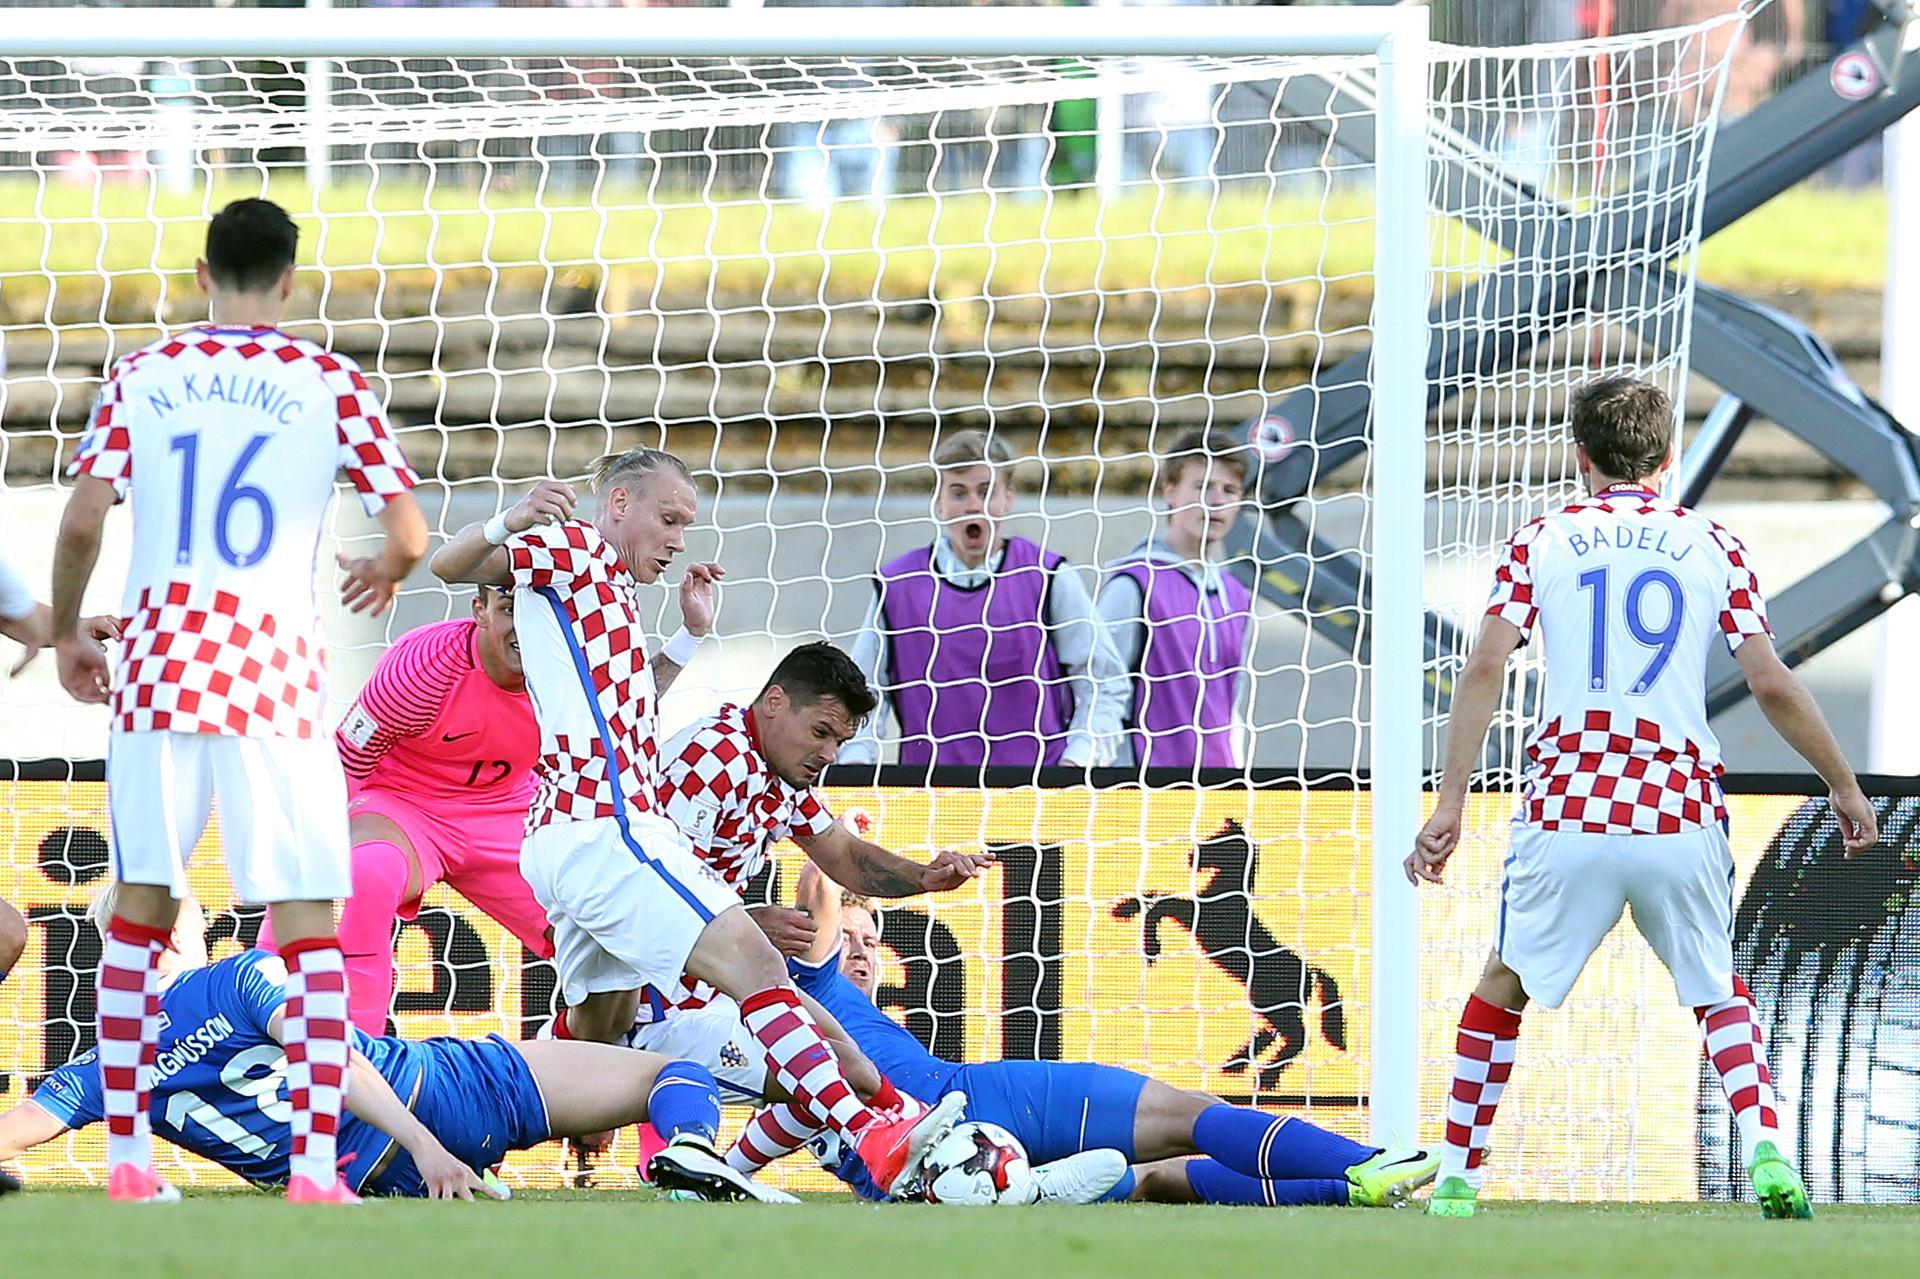 Island šokirao Hrvatsku golom u 90. minuti! Prvi poraz naših u kvalifikacijama